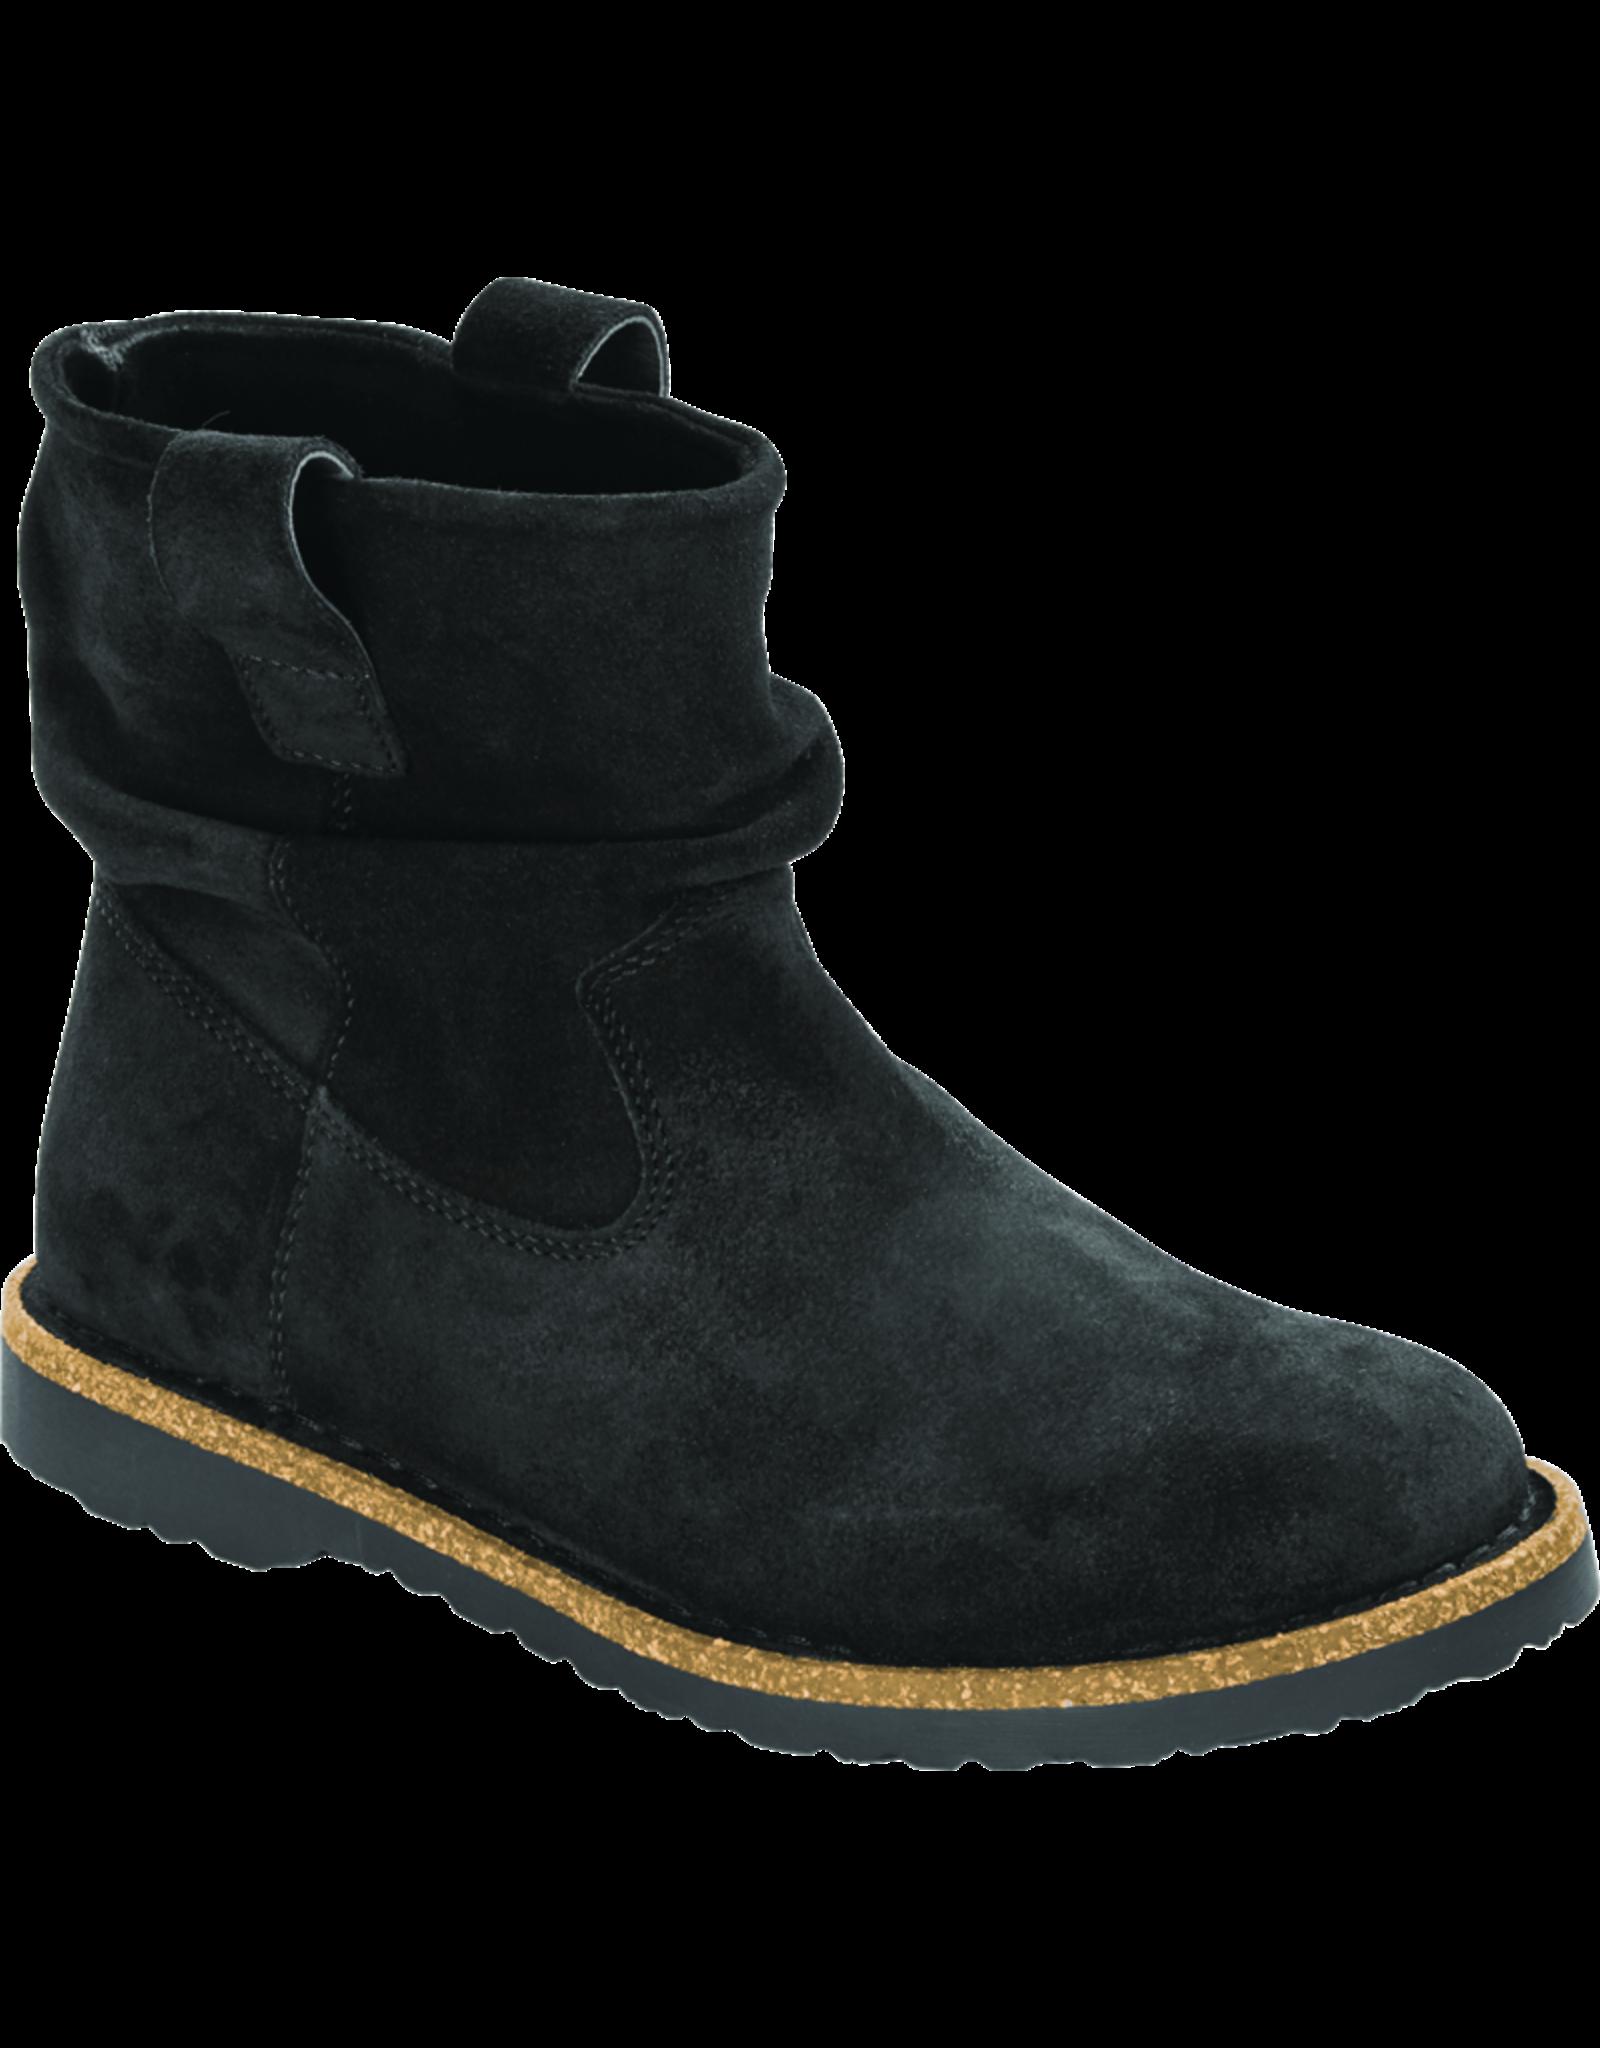 Birkenstock Luton Suede Boot